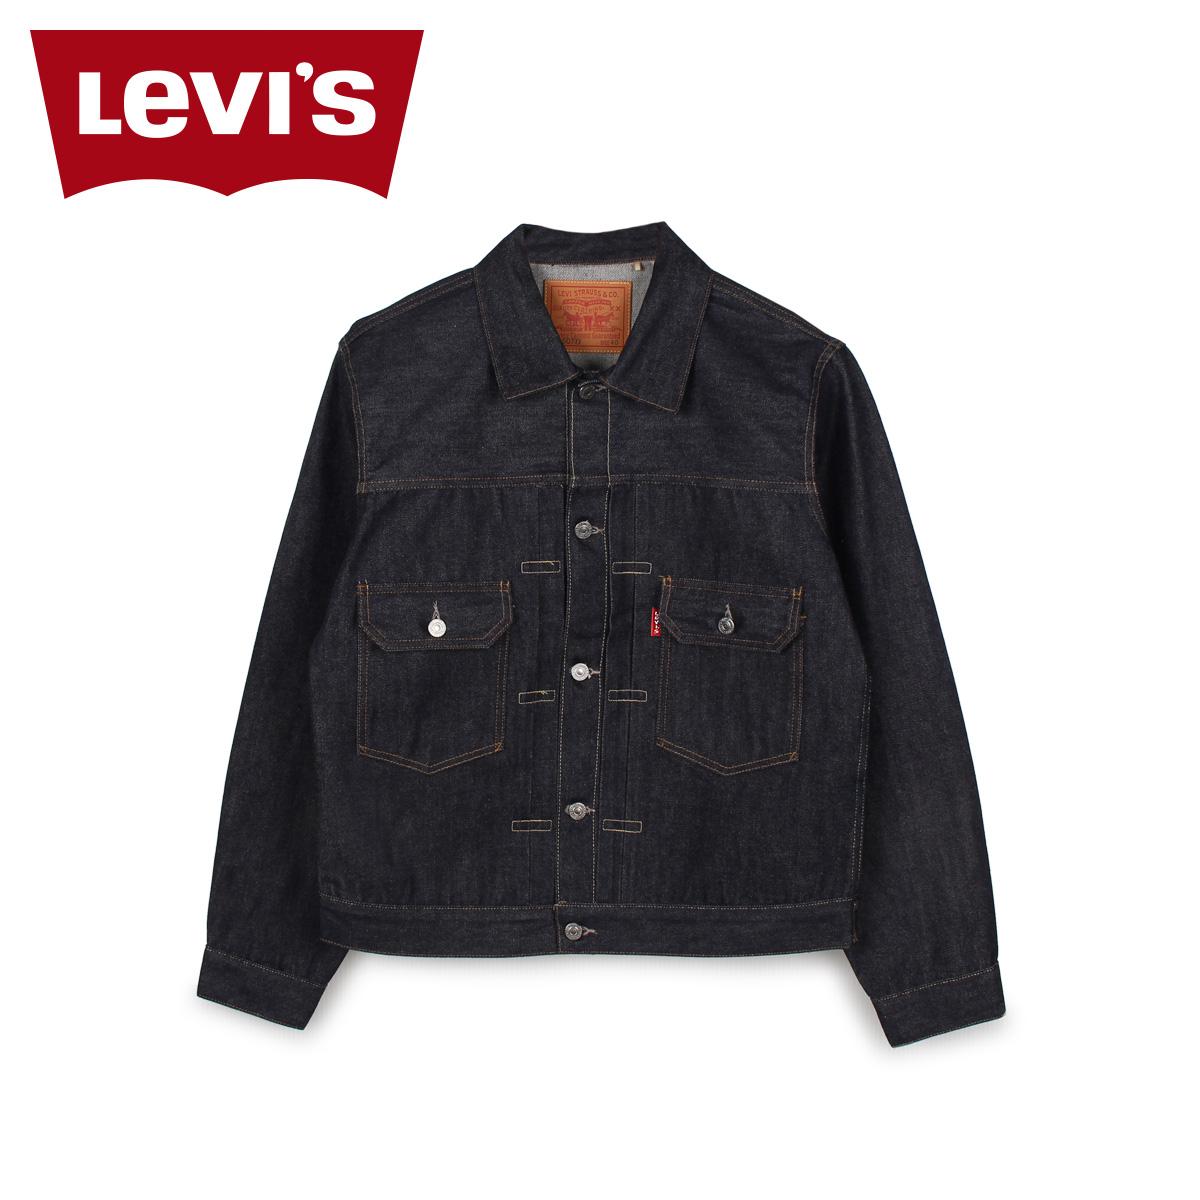 リーバイス ビンテージ クロージング LEVIS VINTAGE CLOTHING Gジャン ジャケット トラッカージャケット ジージャン メンズ 1953S TYPE2 TRUCKER JACKET LVC ネイビー 70507-0062 [3/26 新入荷]